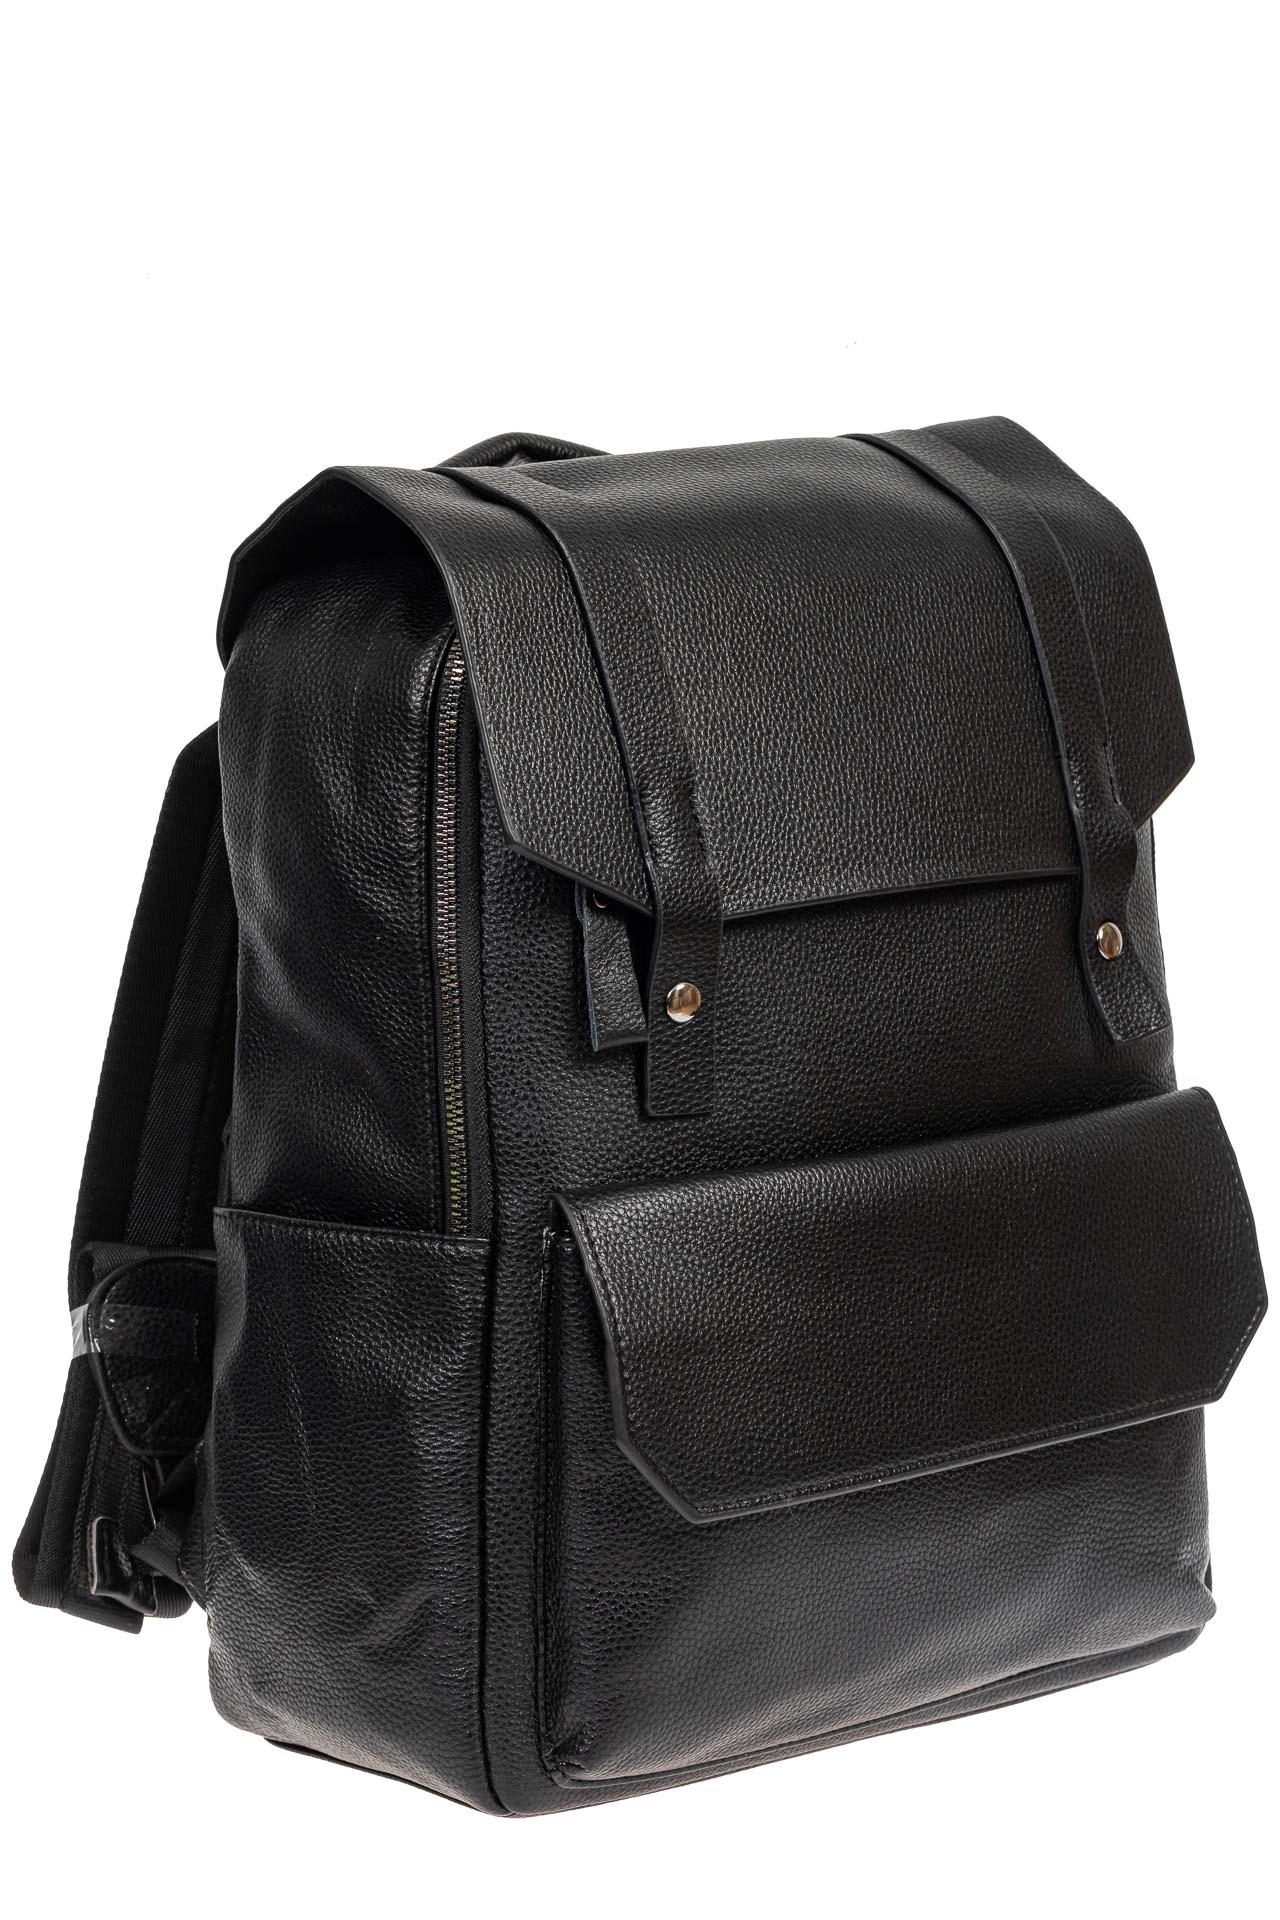 Рюкзак мужской из фактурной искусственной кожи с карманом для ноутбука, цвет чёрный